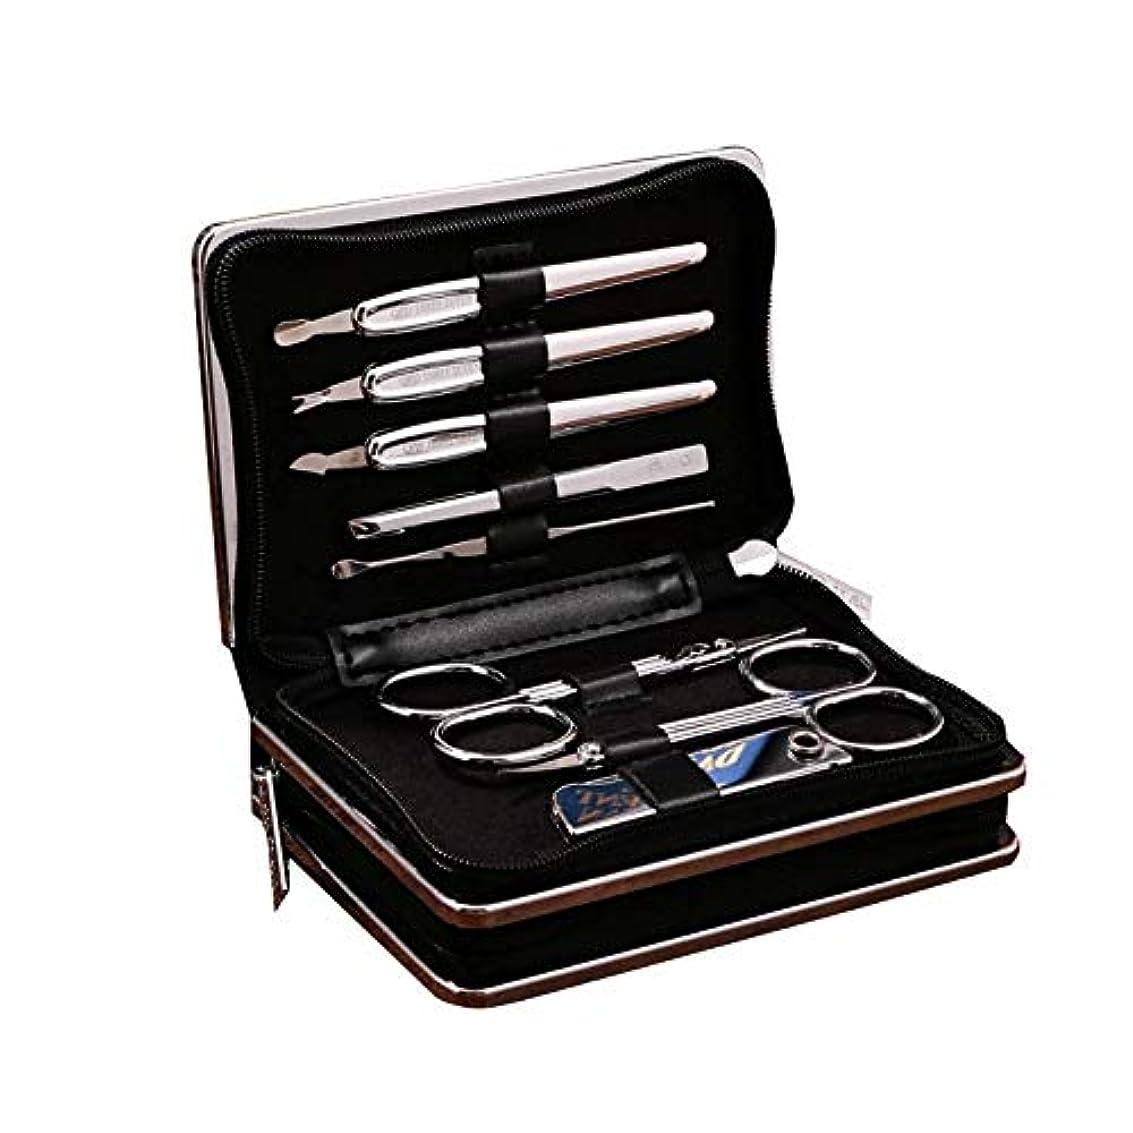 フィードバック遮るバルコニーTUOFL マニキュアツールセットの14セット、毎日のニーズを満たすために完全に機能 (Color : Silver)